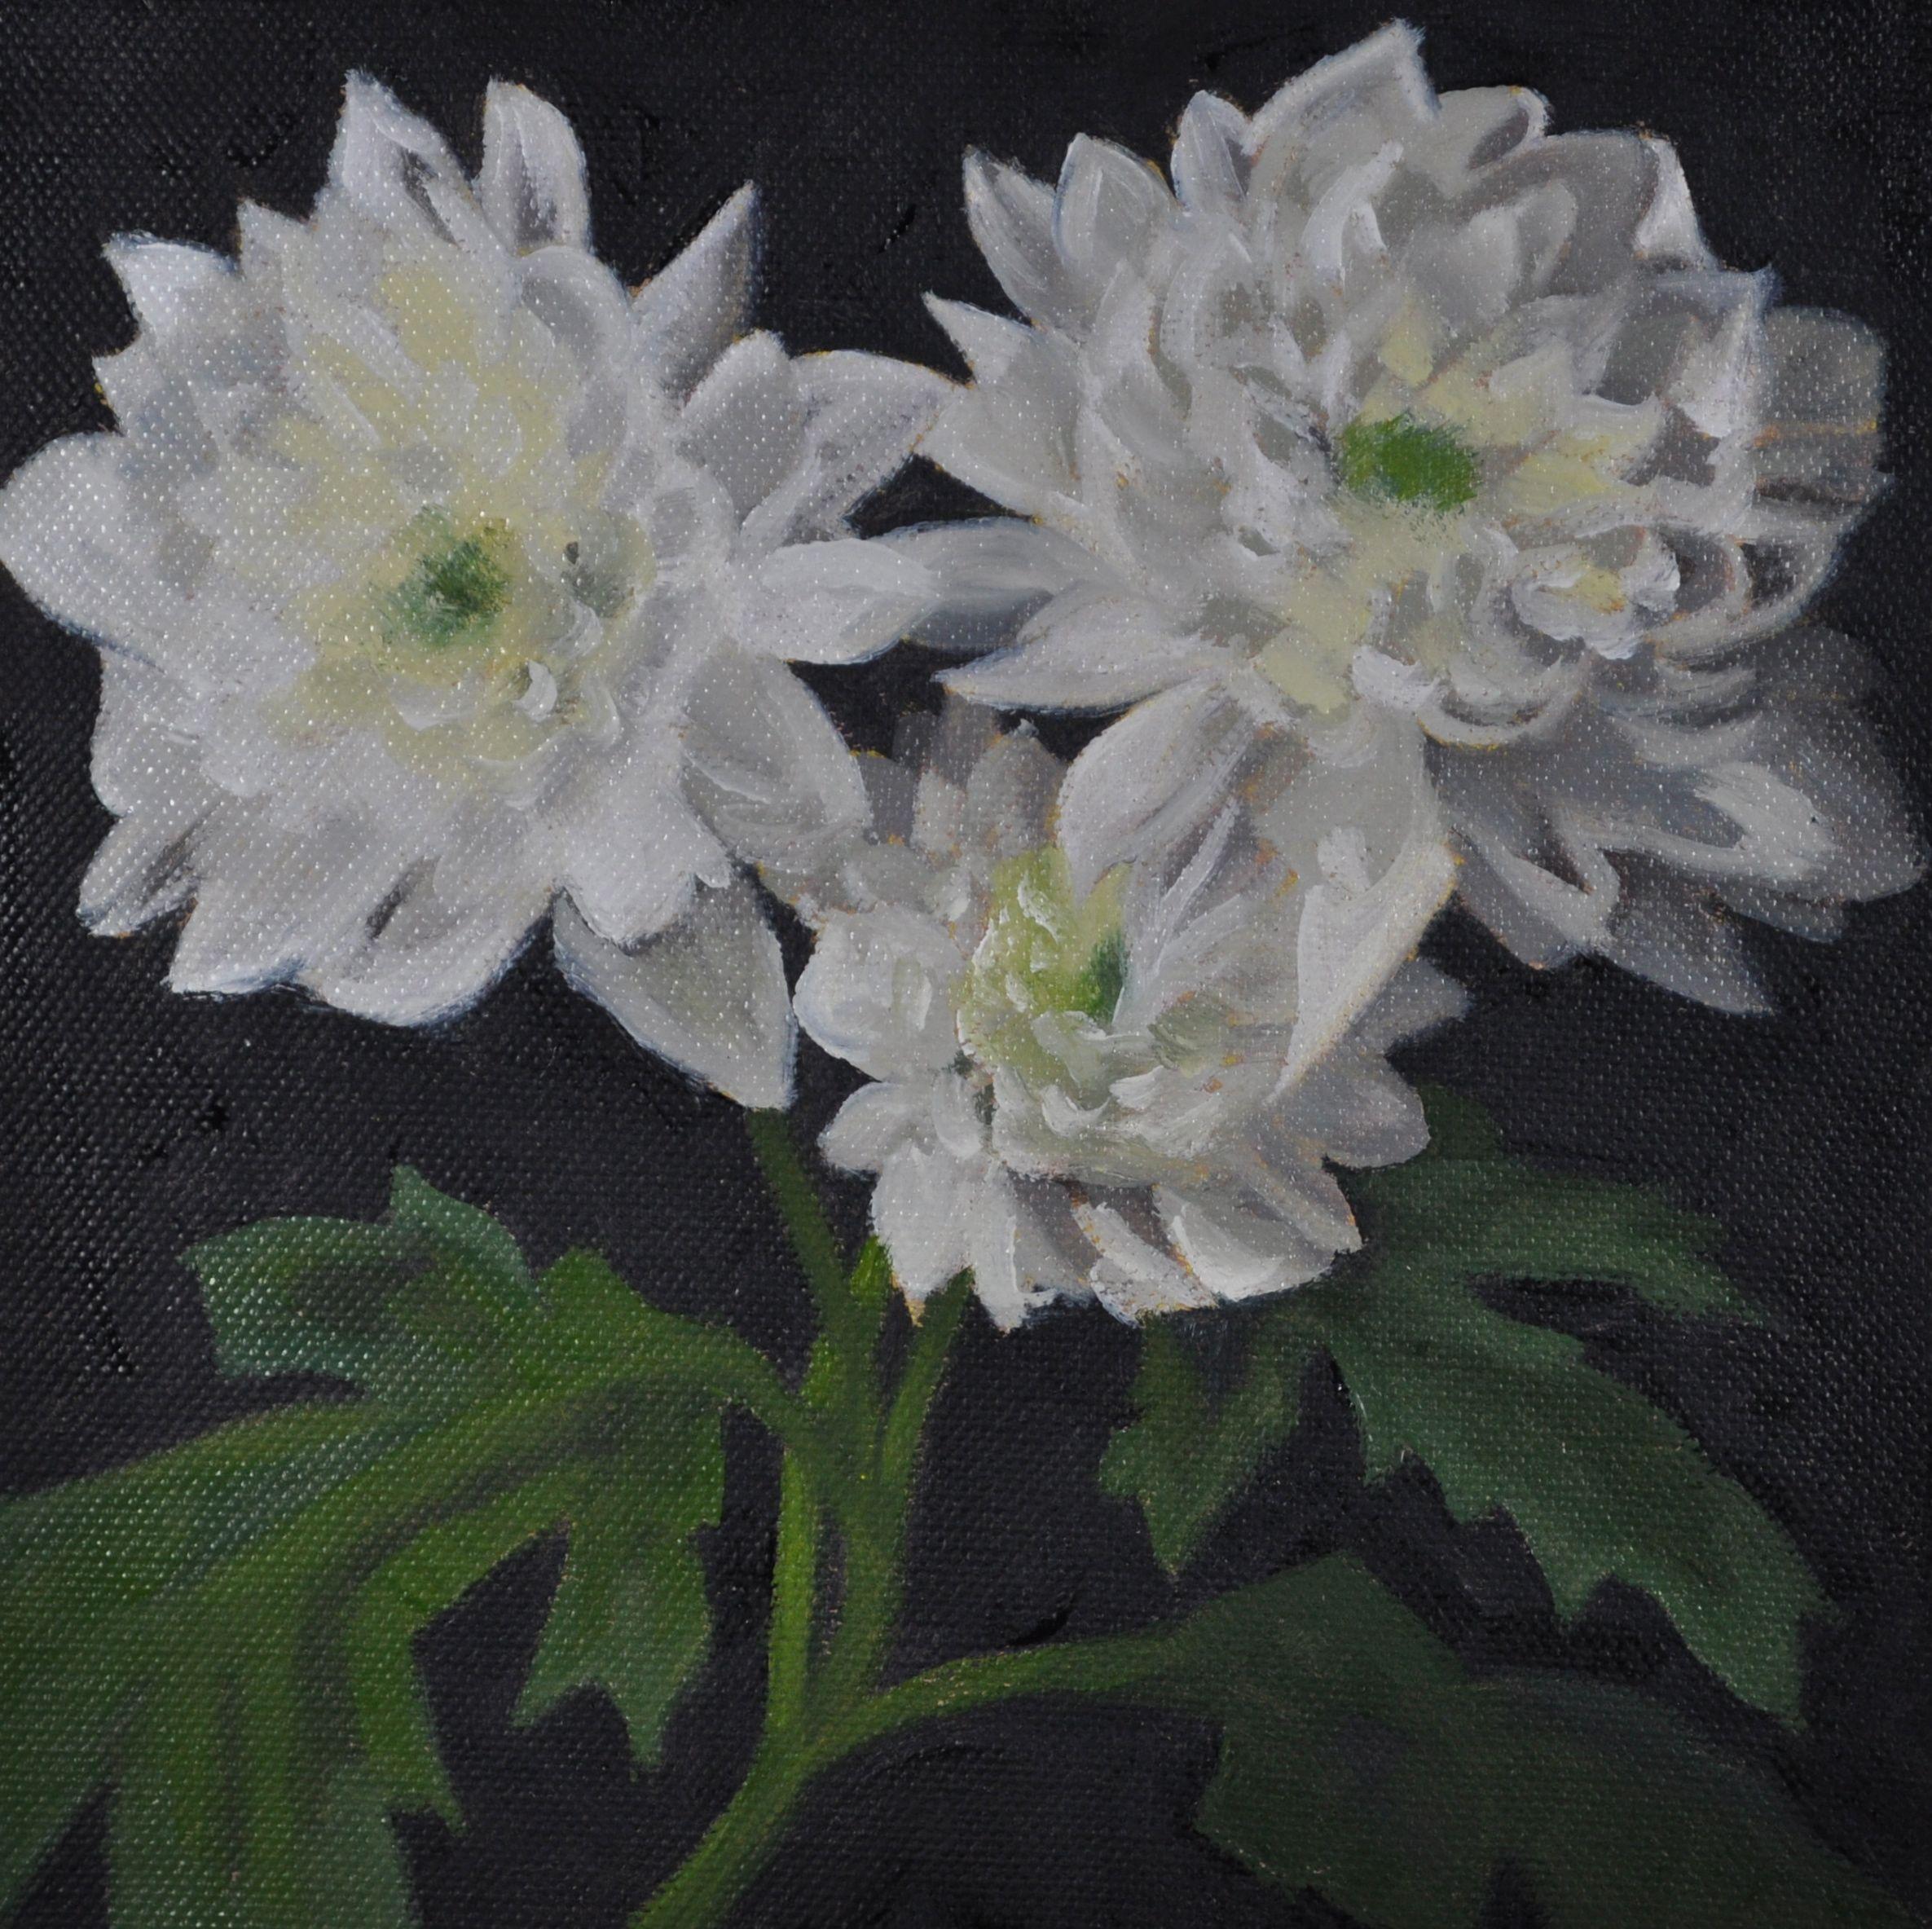 Alan Moir. Chrysanthemums - alanmoir.co.uk